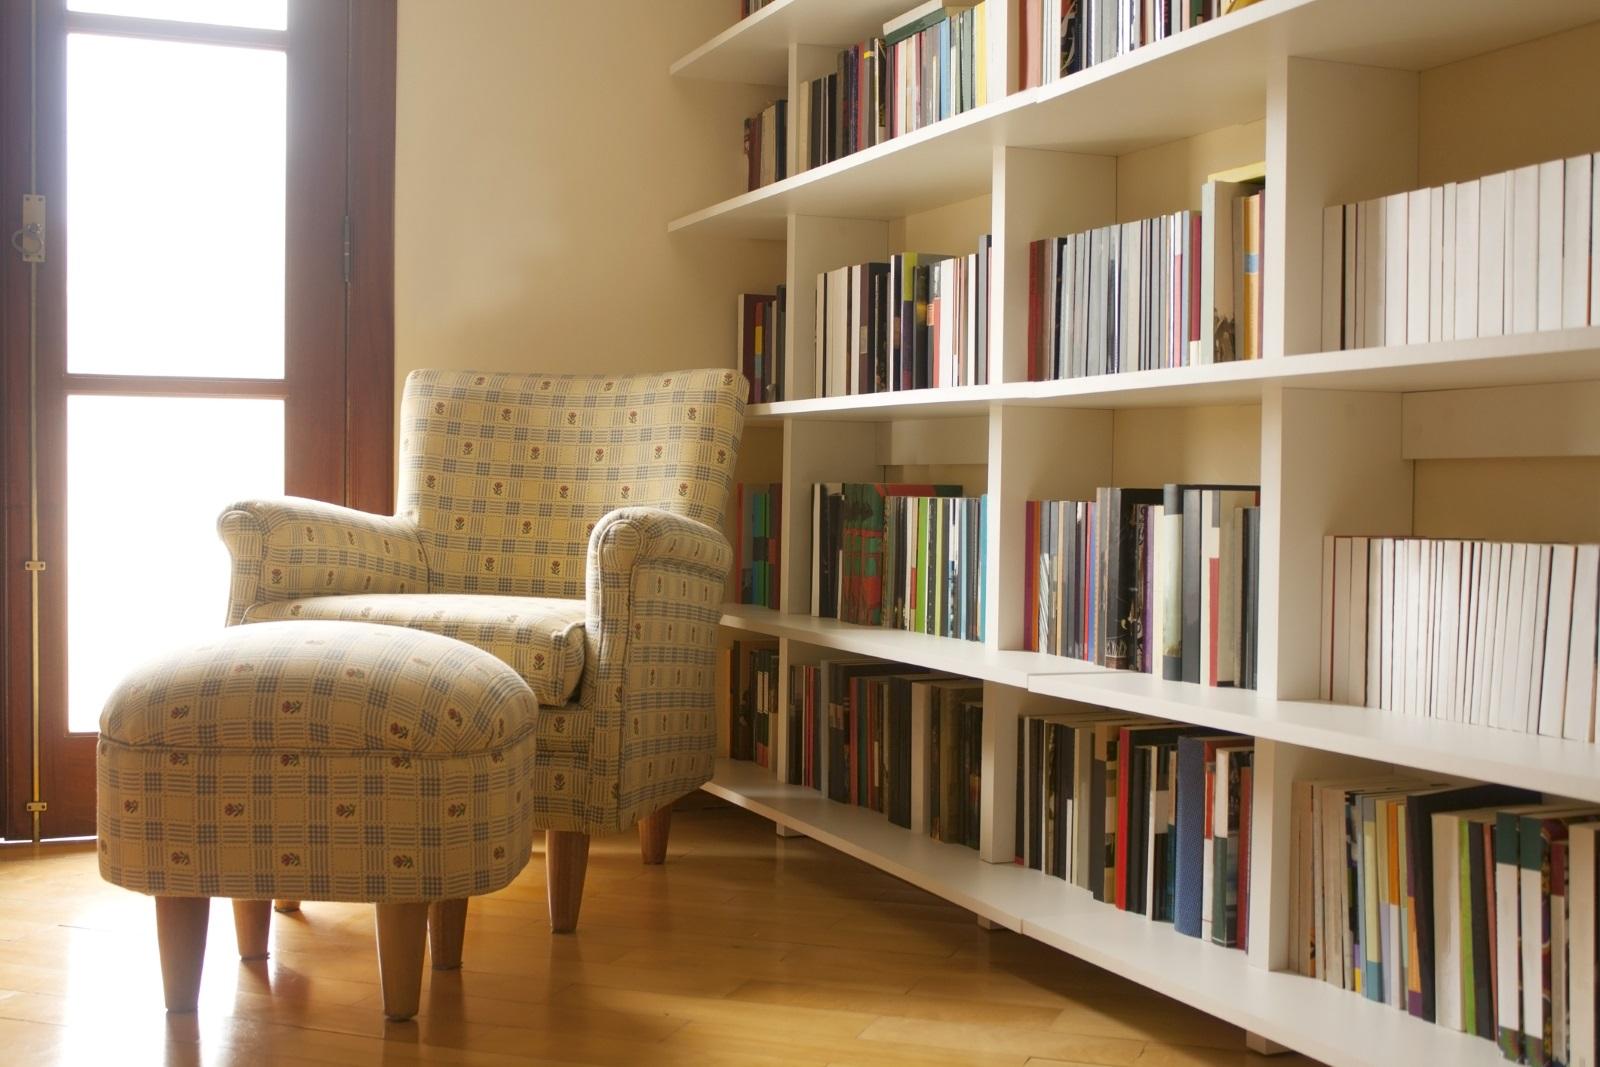 Библиотеката: подредбата на книгите в дома означава много, смятат интериорните дизайнери.Книги, натрупани в купчини, например, показва, че никой не ги чете и те са там като декорация.